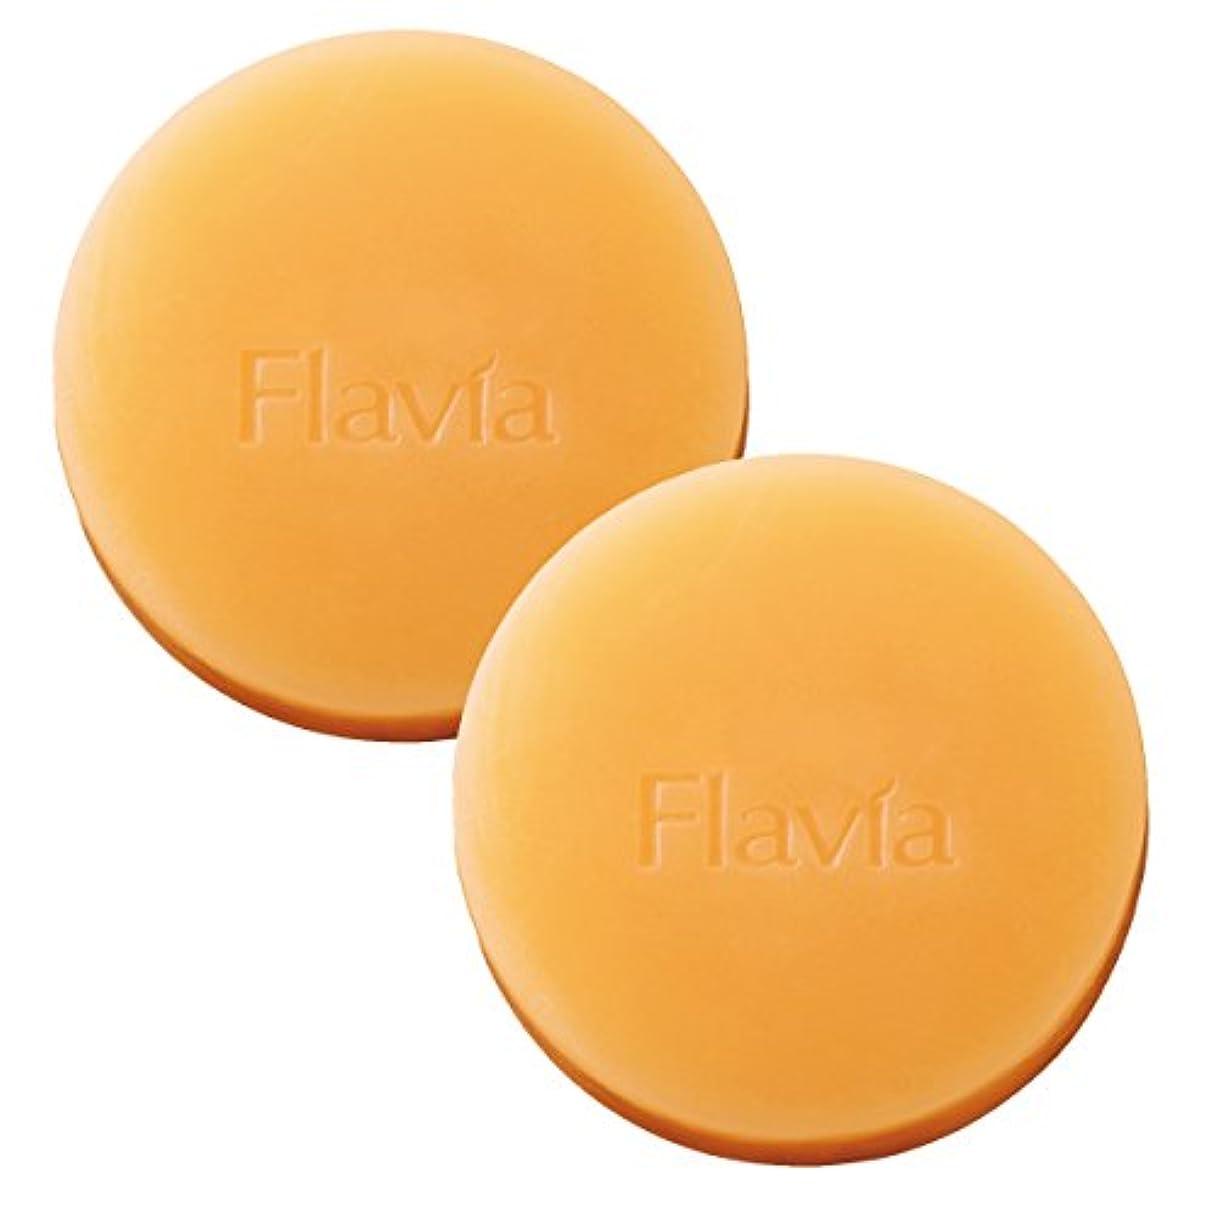 免疫エイリアンリングレットフォーマルクライン 薬用 フラビア ソープ 夜用 2個セット 洗顔 石けん